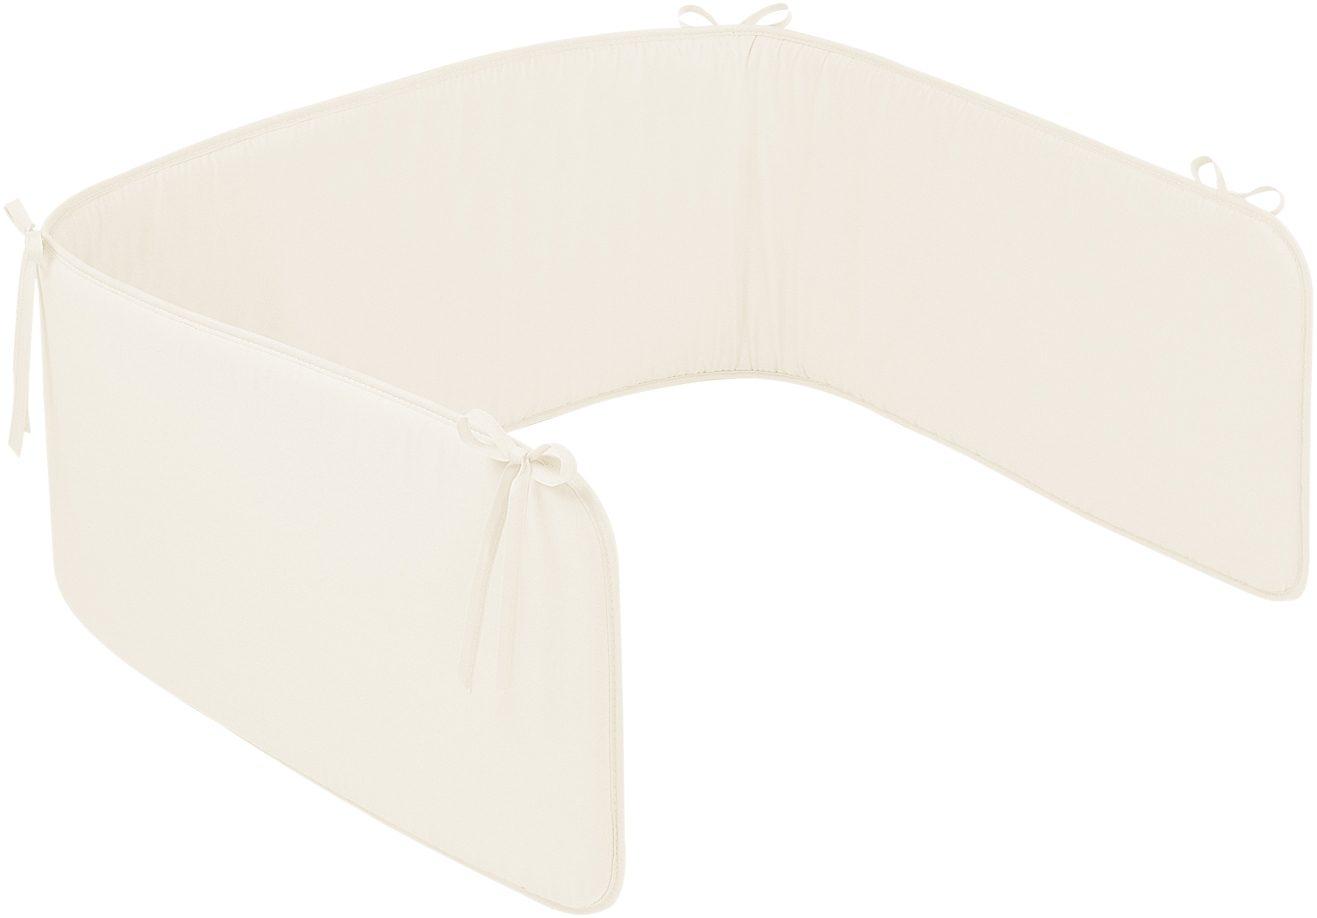 Stubenwagen Nestchen Weiß : Himmel kinderbett nähen u frisch nestchen und himmel für